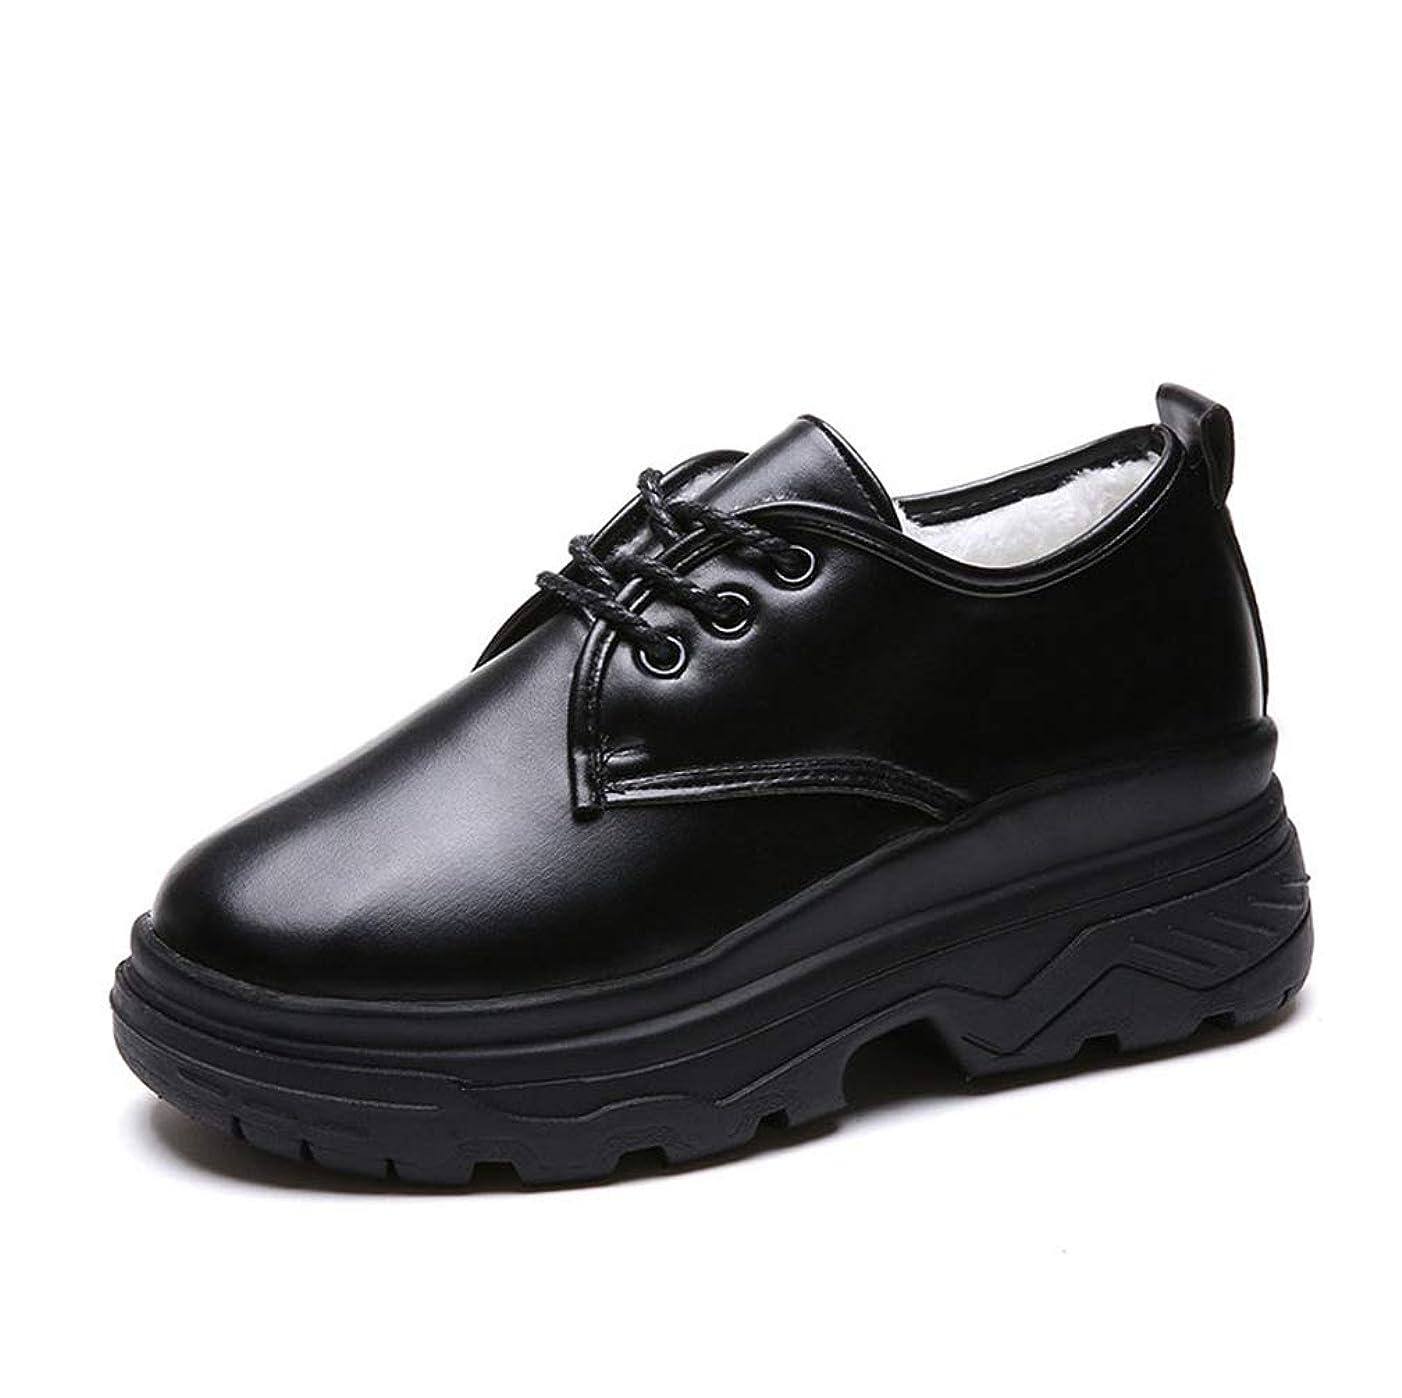 必須根拠幹[THLD] 厚底 マニッシュ カジュアル レースアップ オックスフォード シューズ おじ靴 ドレスシューズ レディース 裏ボア 6cmヒール ミドルヒール 歩きやすい スムース調 おしゃれ 大きいサイズ シンプル 黒 女性用 婦人靴